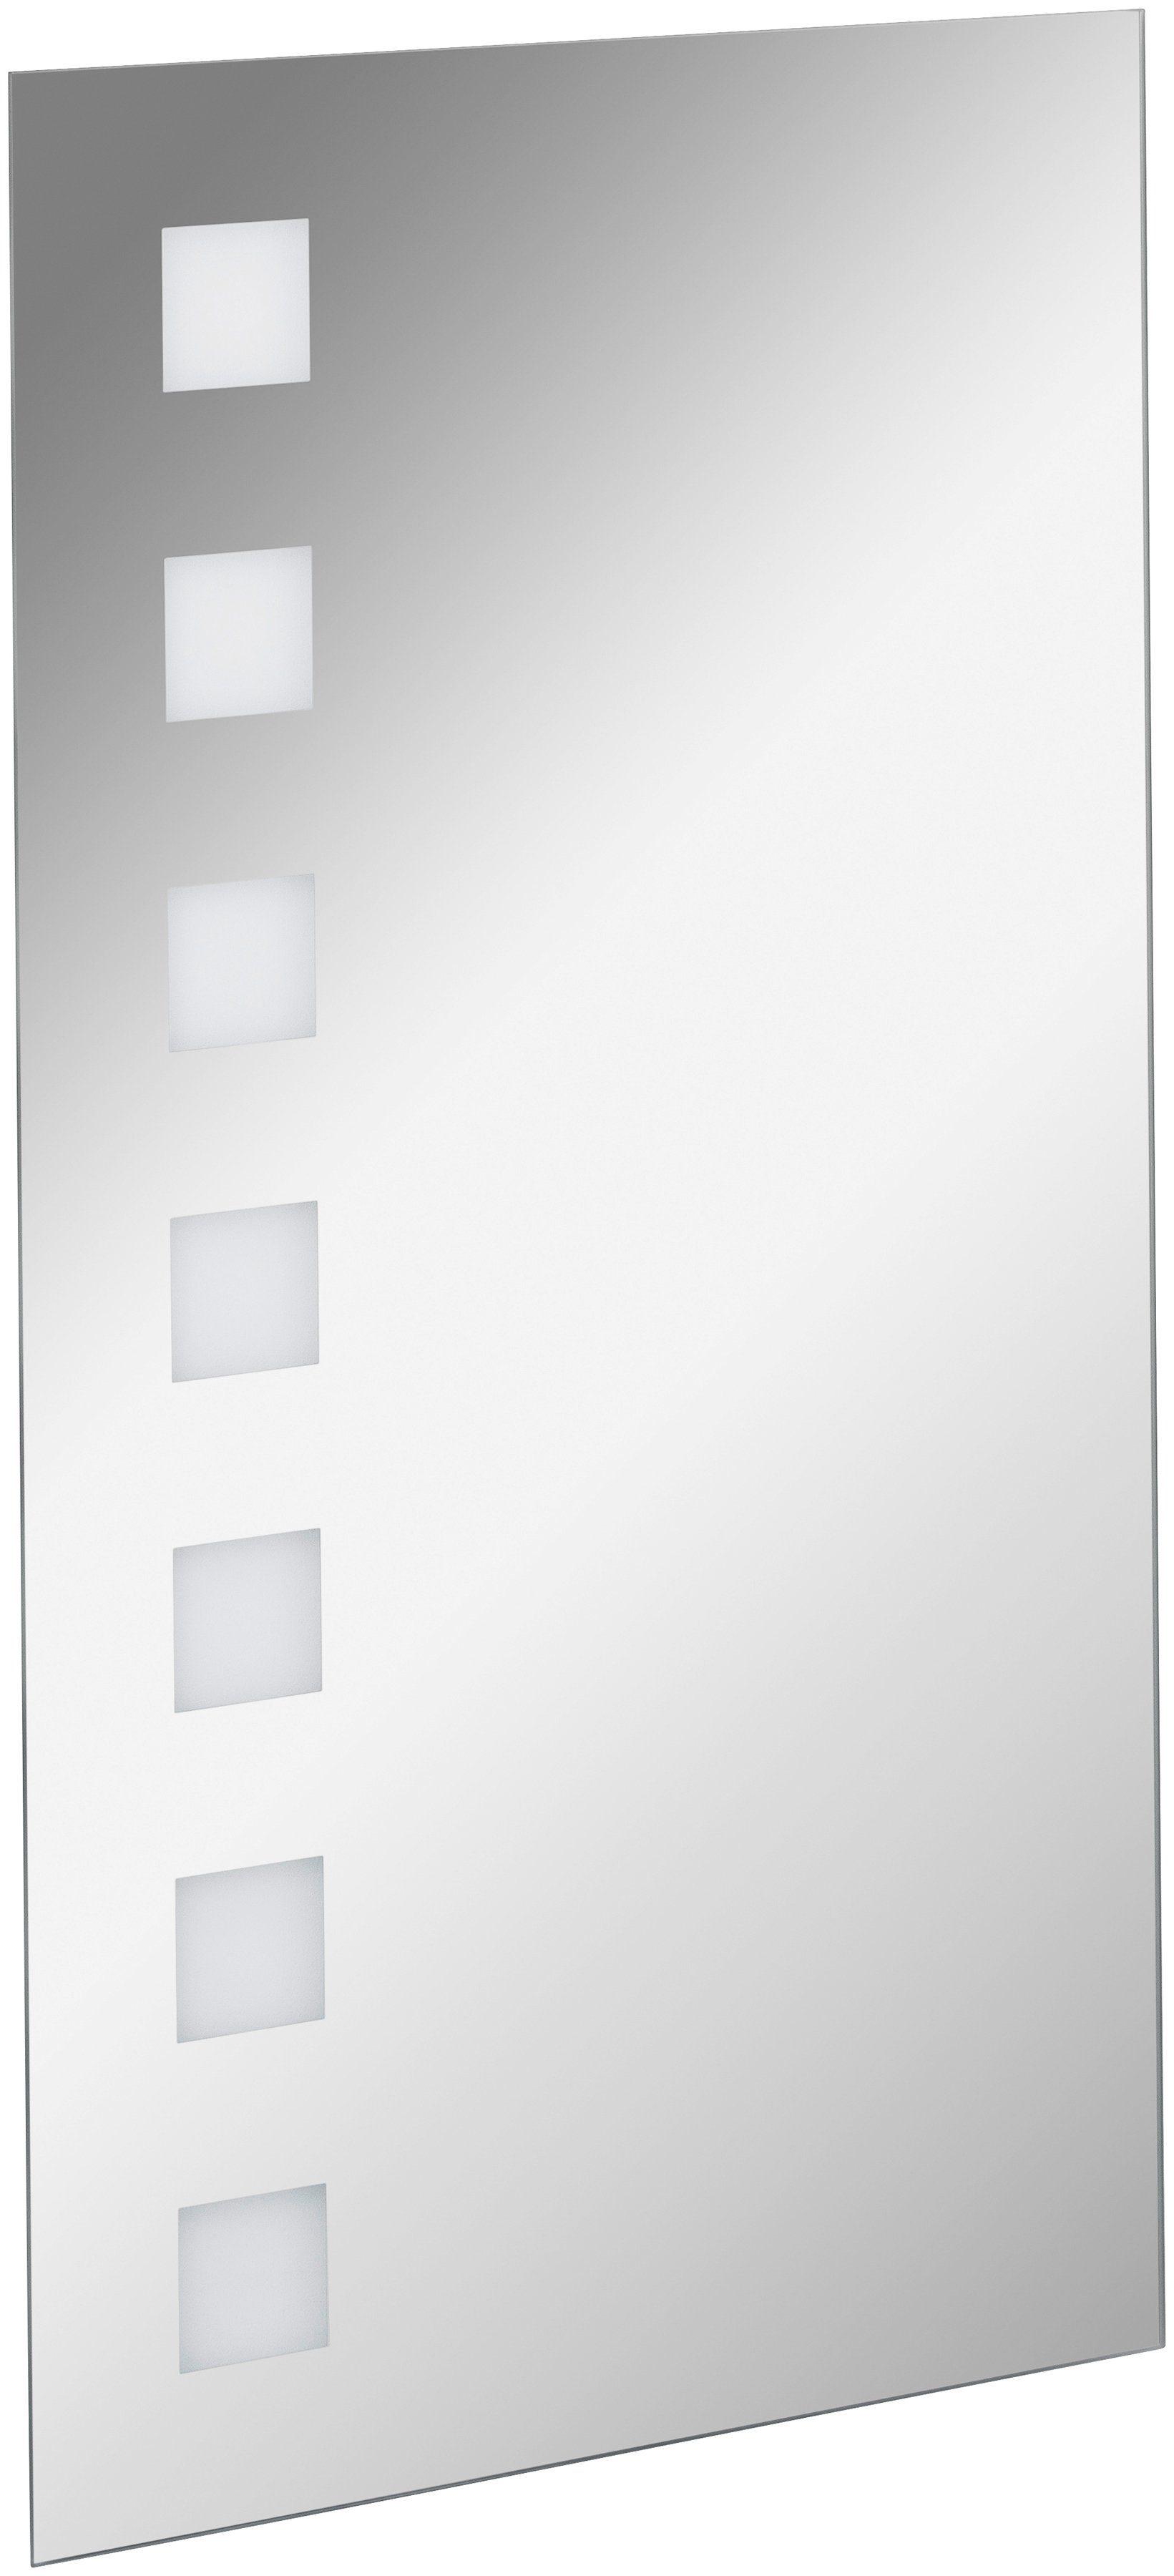 FACKELMANN Spiegelelement »KARO«, Breite 40 cm